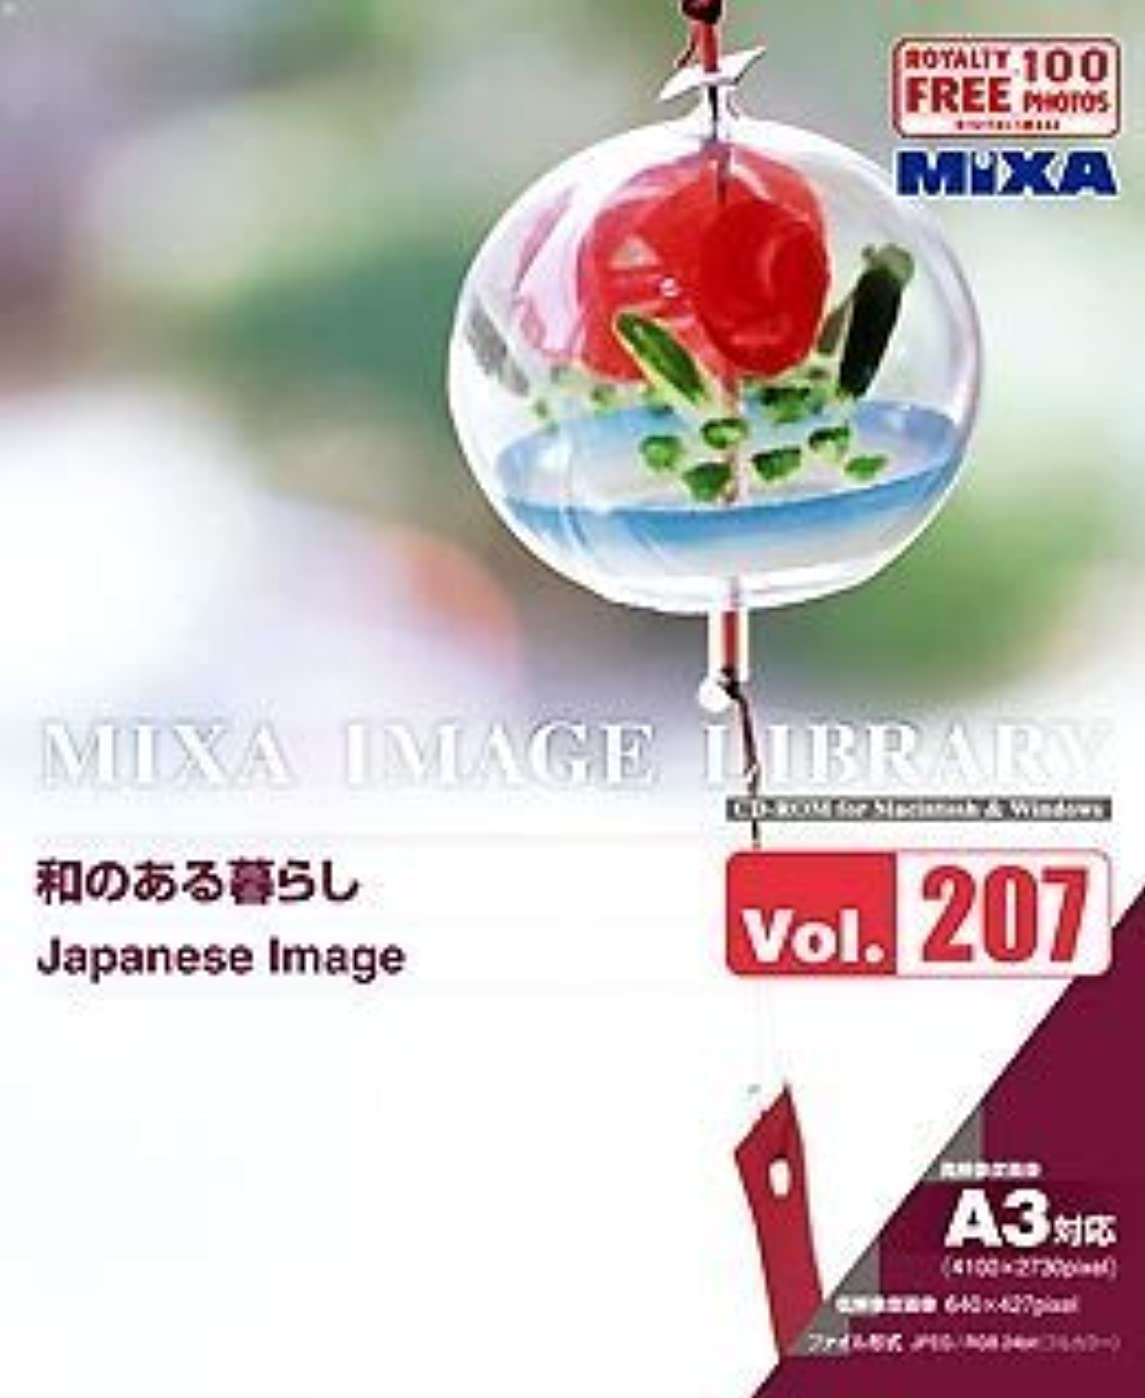 ストレージ男らしい磁石MIXA IMAGE LIBRARY Vol.207 和のある暮らし